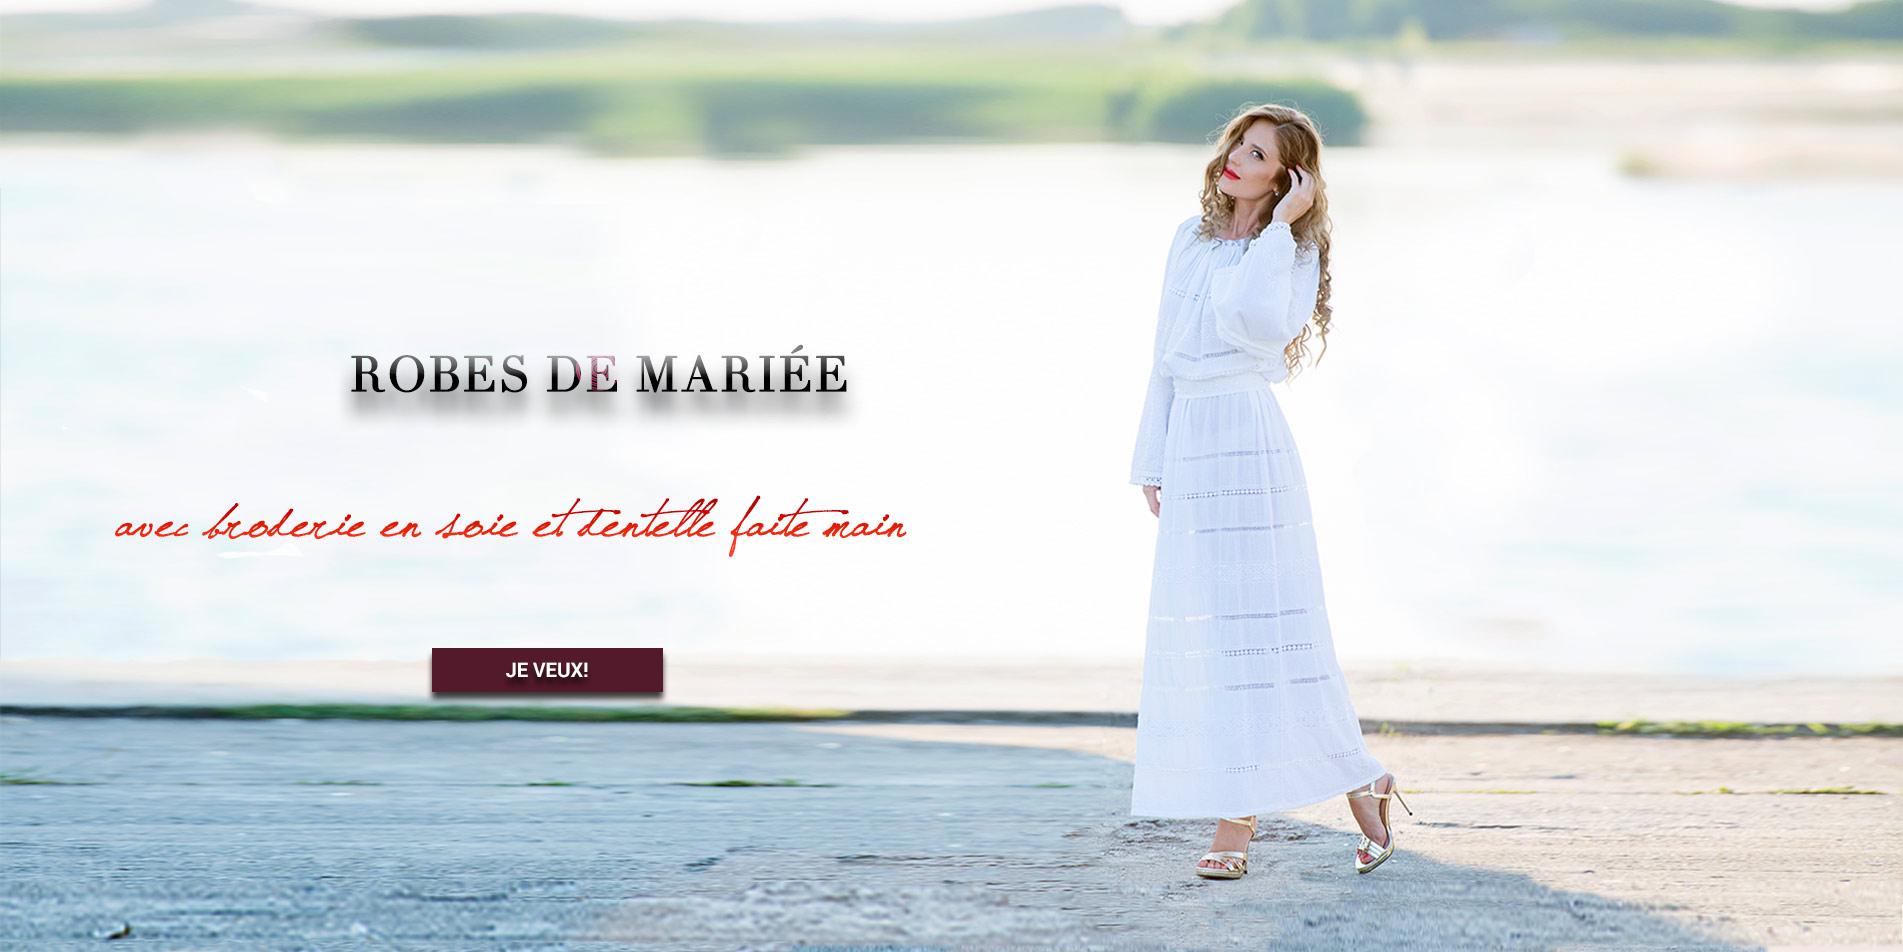 robes-de-mariee